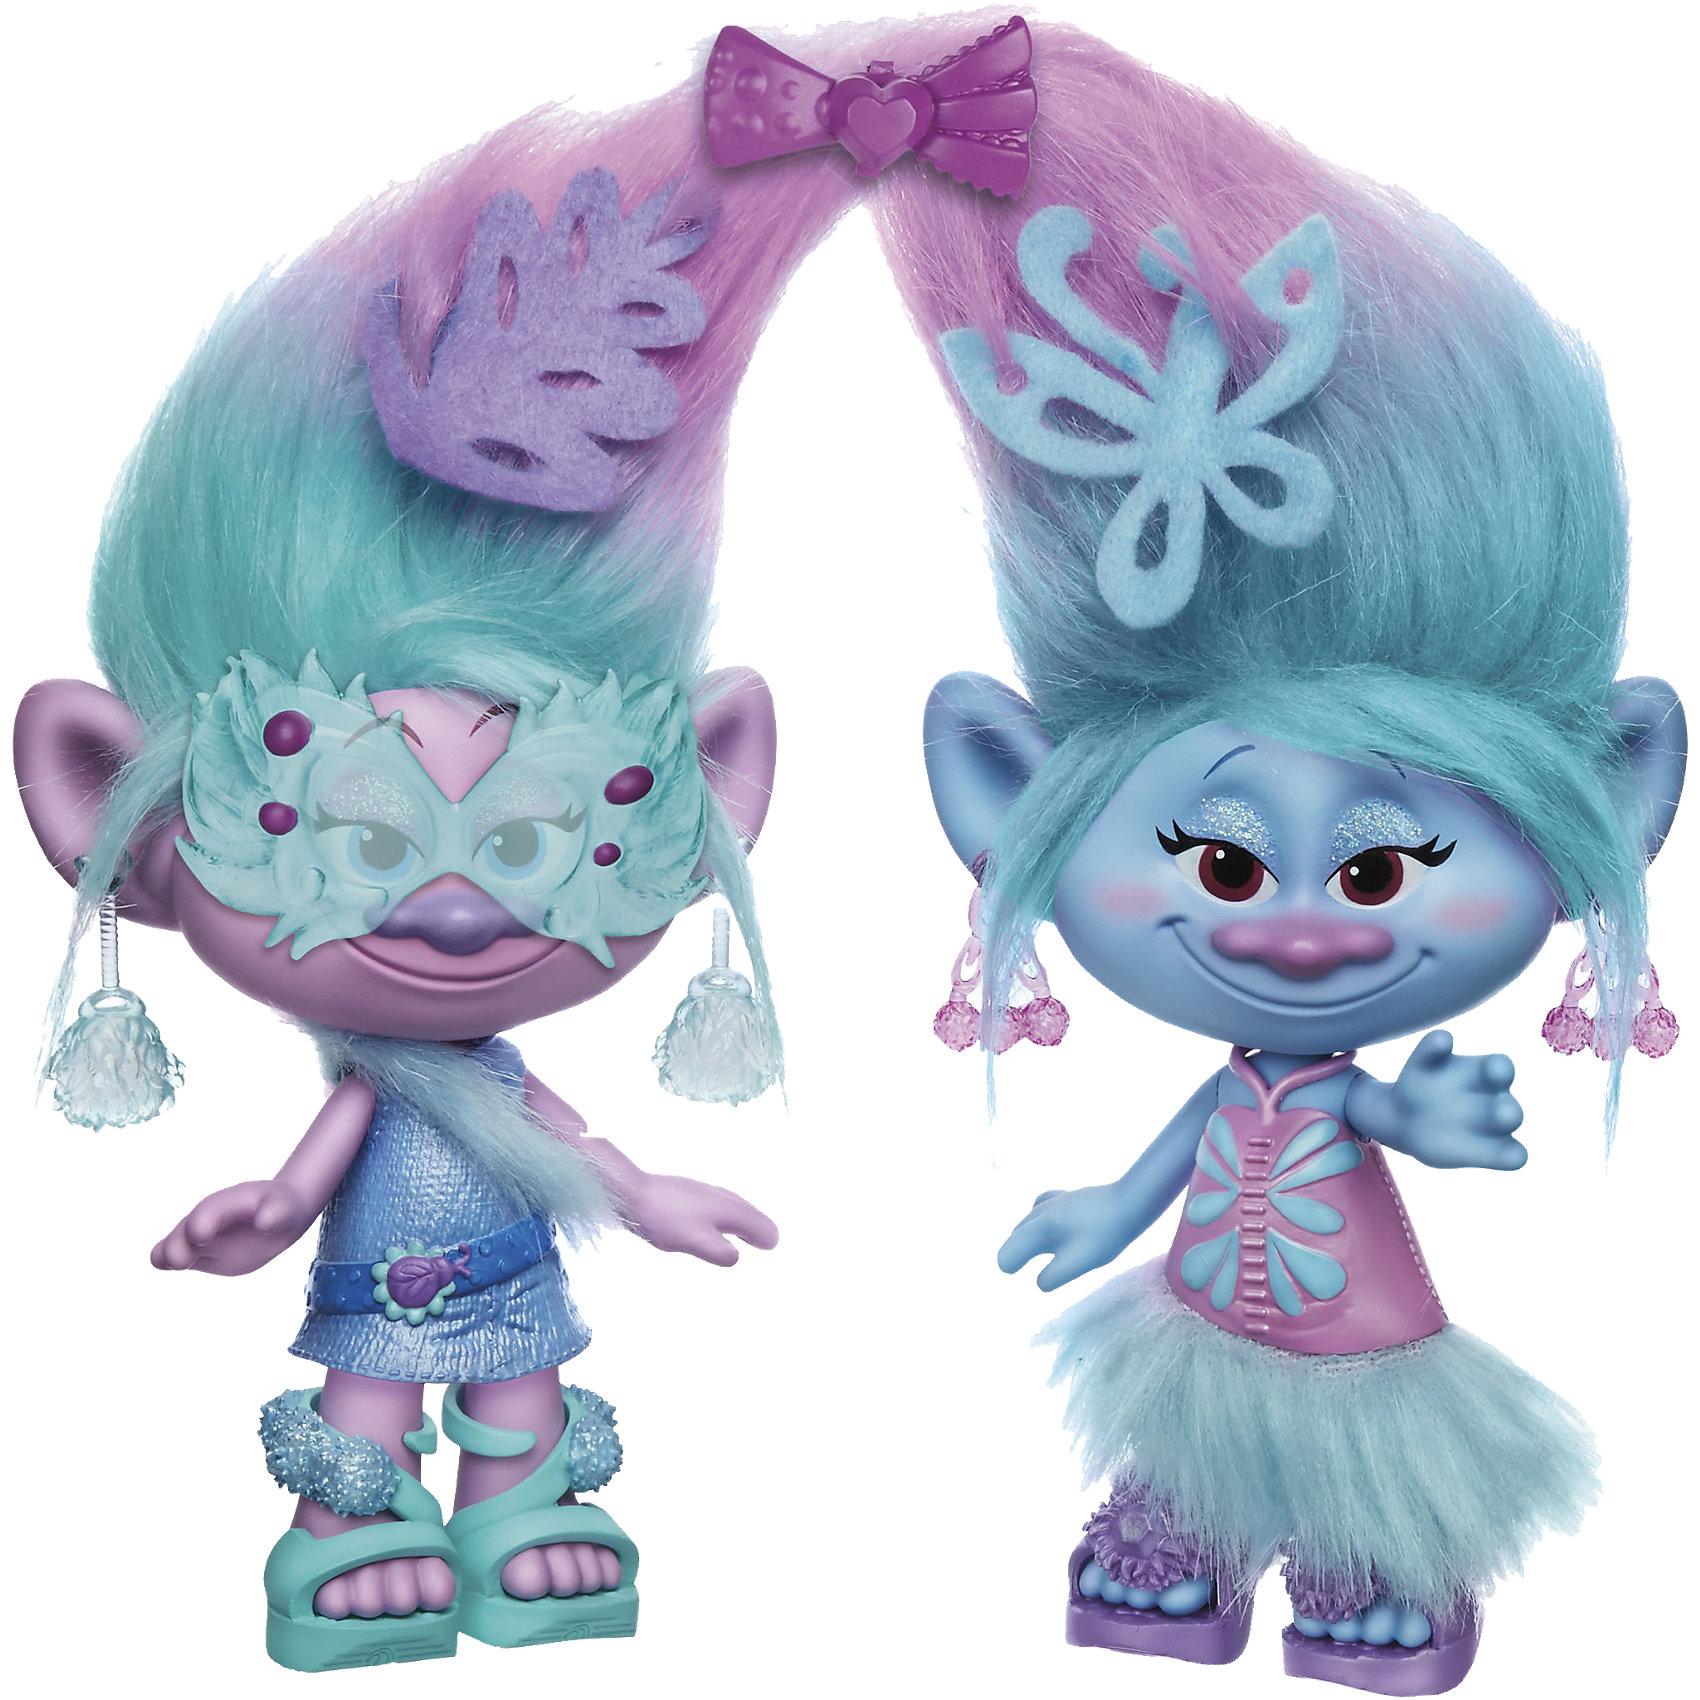 Набор Модные близнецы, ТроллиТролли-близнецы 22,5см высотой, включая роскошные, плюшевые волосы. В комплекте специальная расческа, аксессуары из плюша, петля для причесок, одежду и обувь можно снимать.<br><br>Ширина мм: 358<br>Глубина мм: 269<br>Высота мм: 80<br>Вес г: 491<br>Возраст от месяцев: 48<br>Возраст до месяцев: 96<br>Пол: Женский<br>Возраст: Детский<br>SKU: 4811758